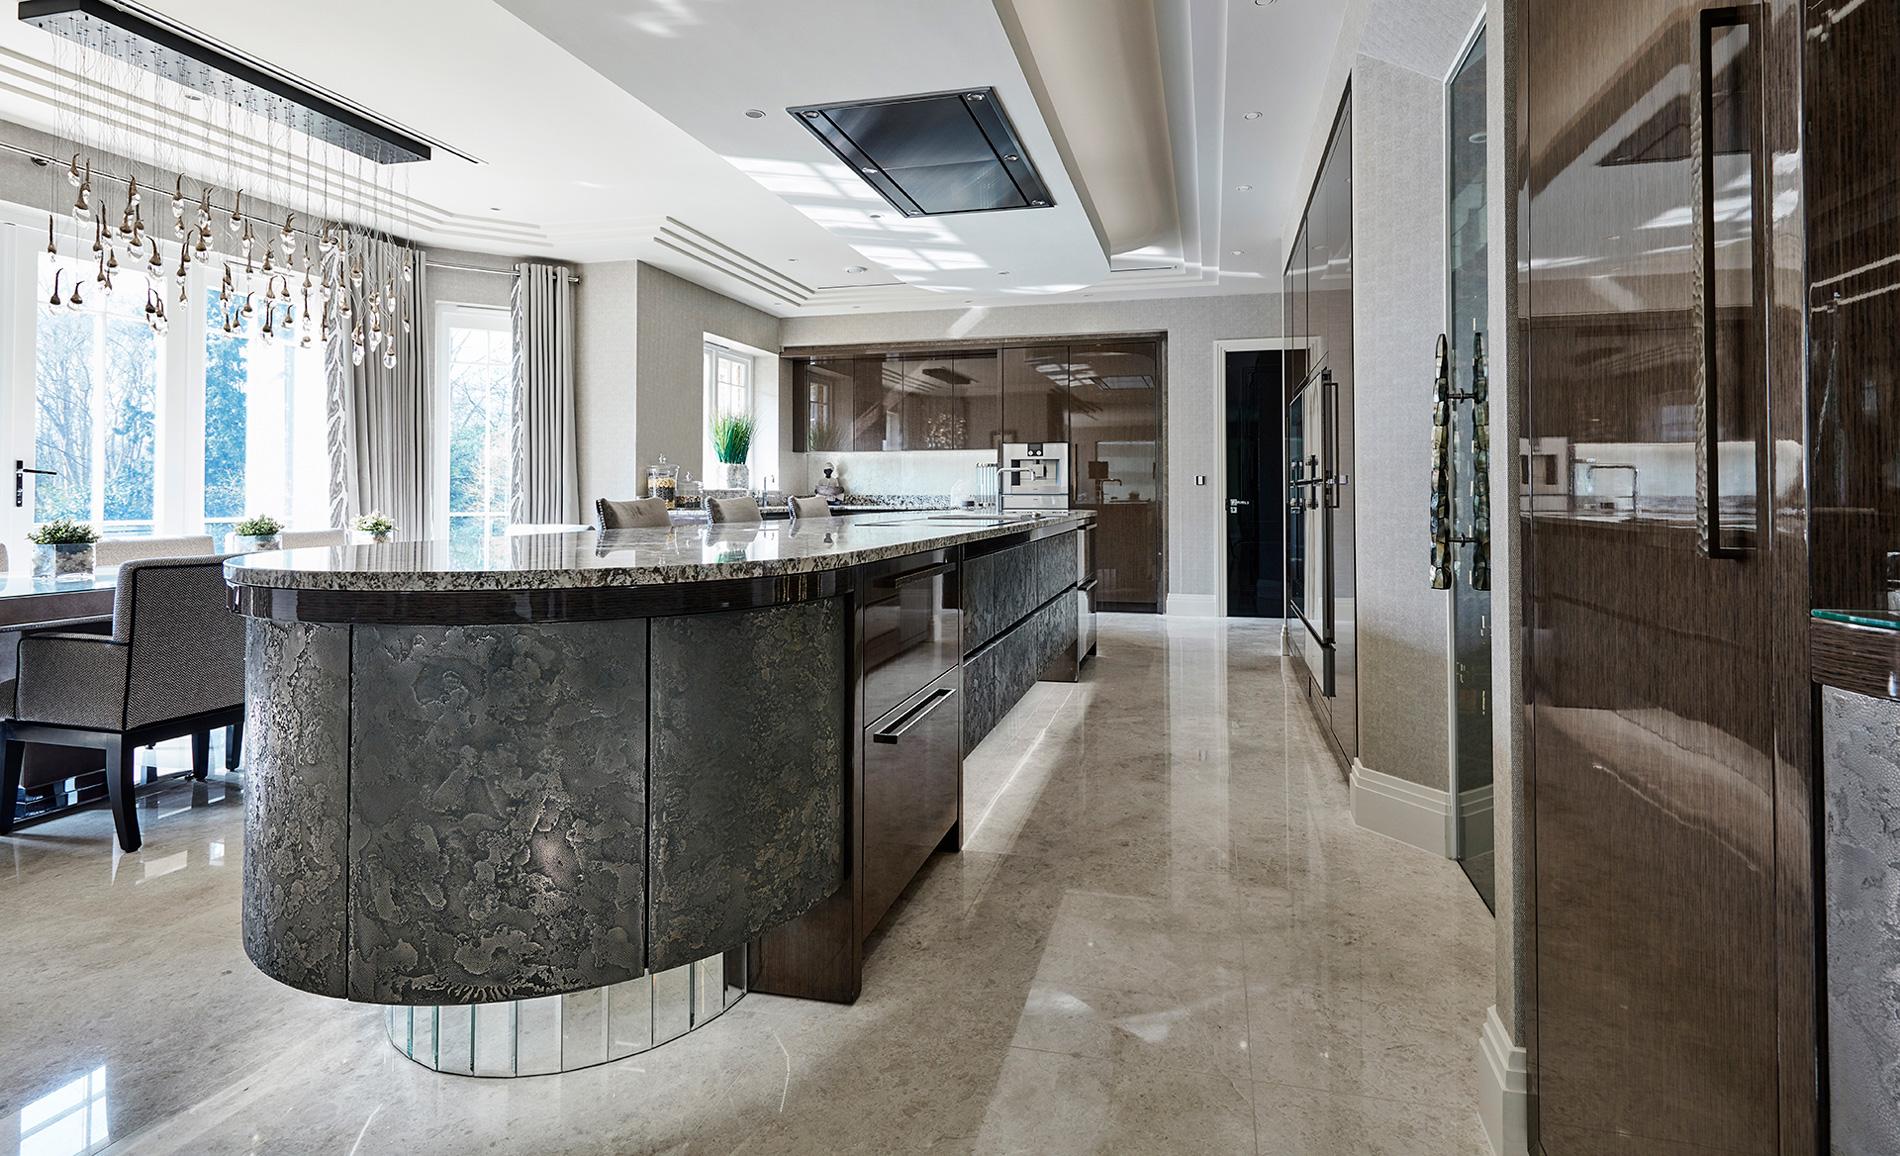 Kitchen Remodeling Design Ideas Inspiration: Luxury Kitchen Design